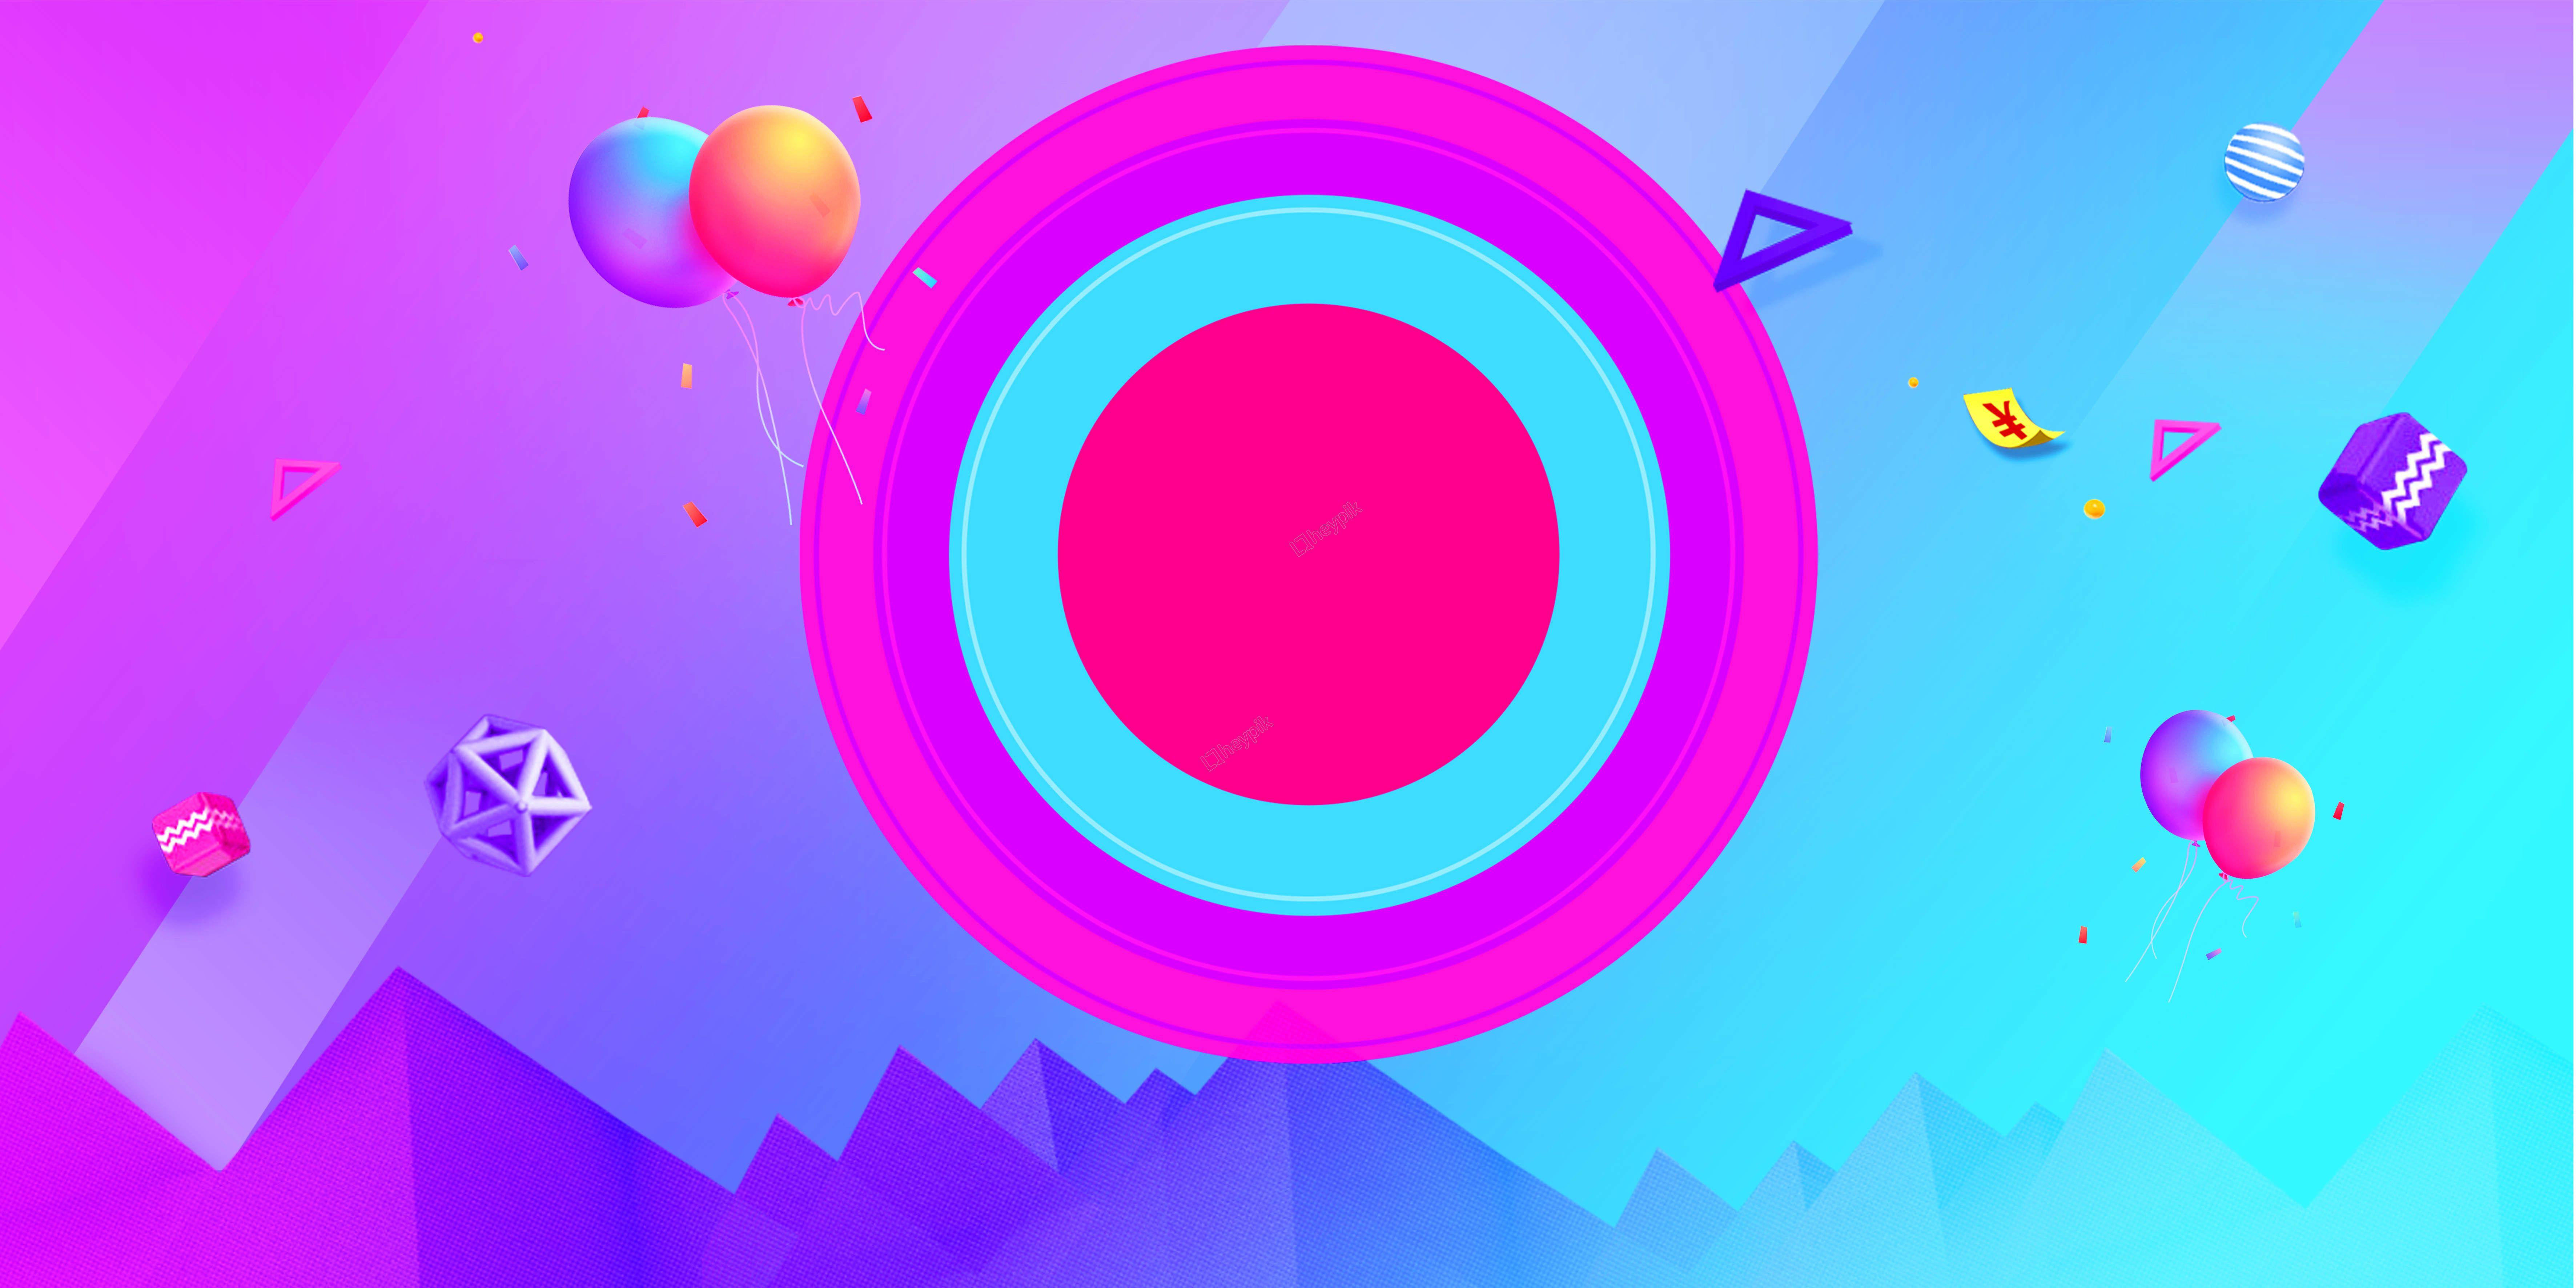 أزرق فاتح اللون لون الكرة دائرة التدرج ناقلات الخلفية Color Blue Graphic